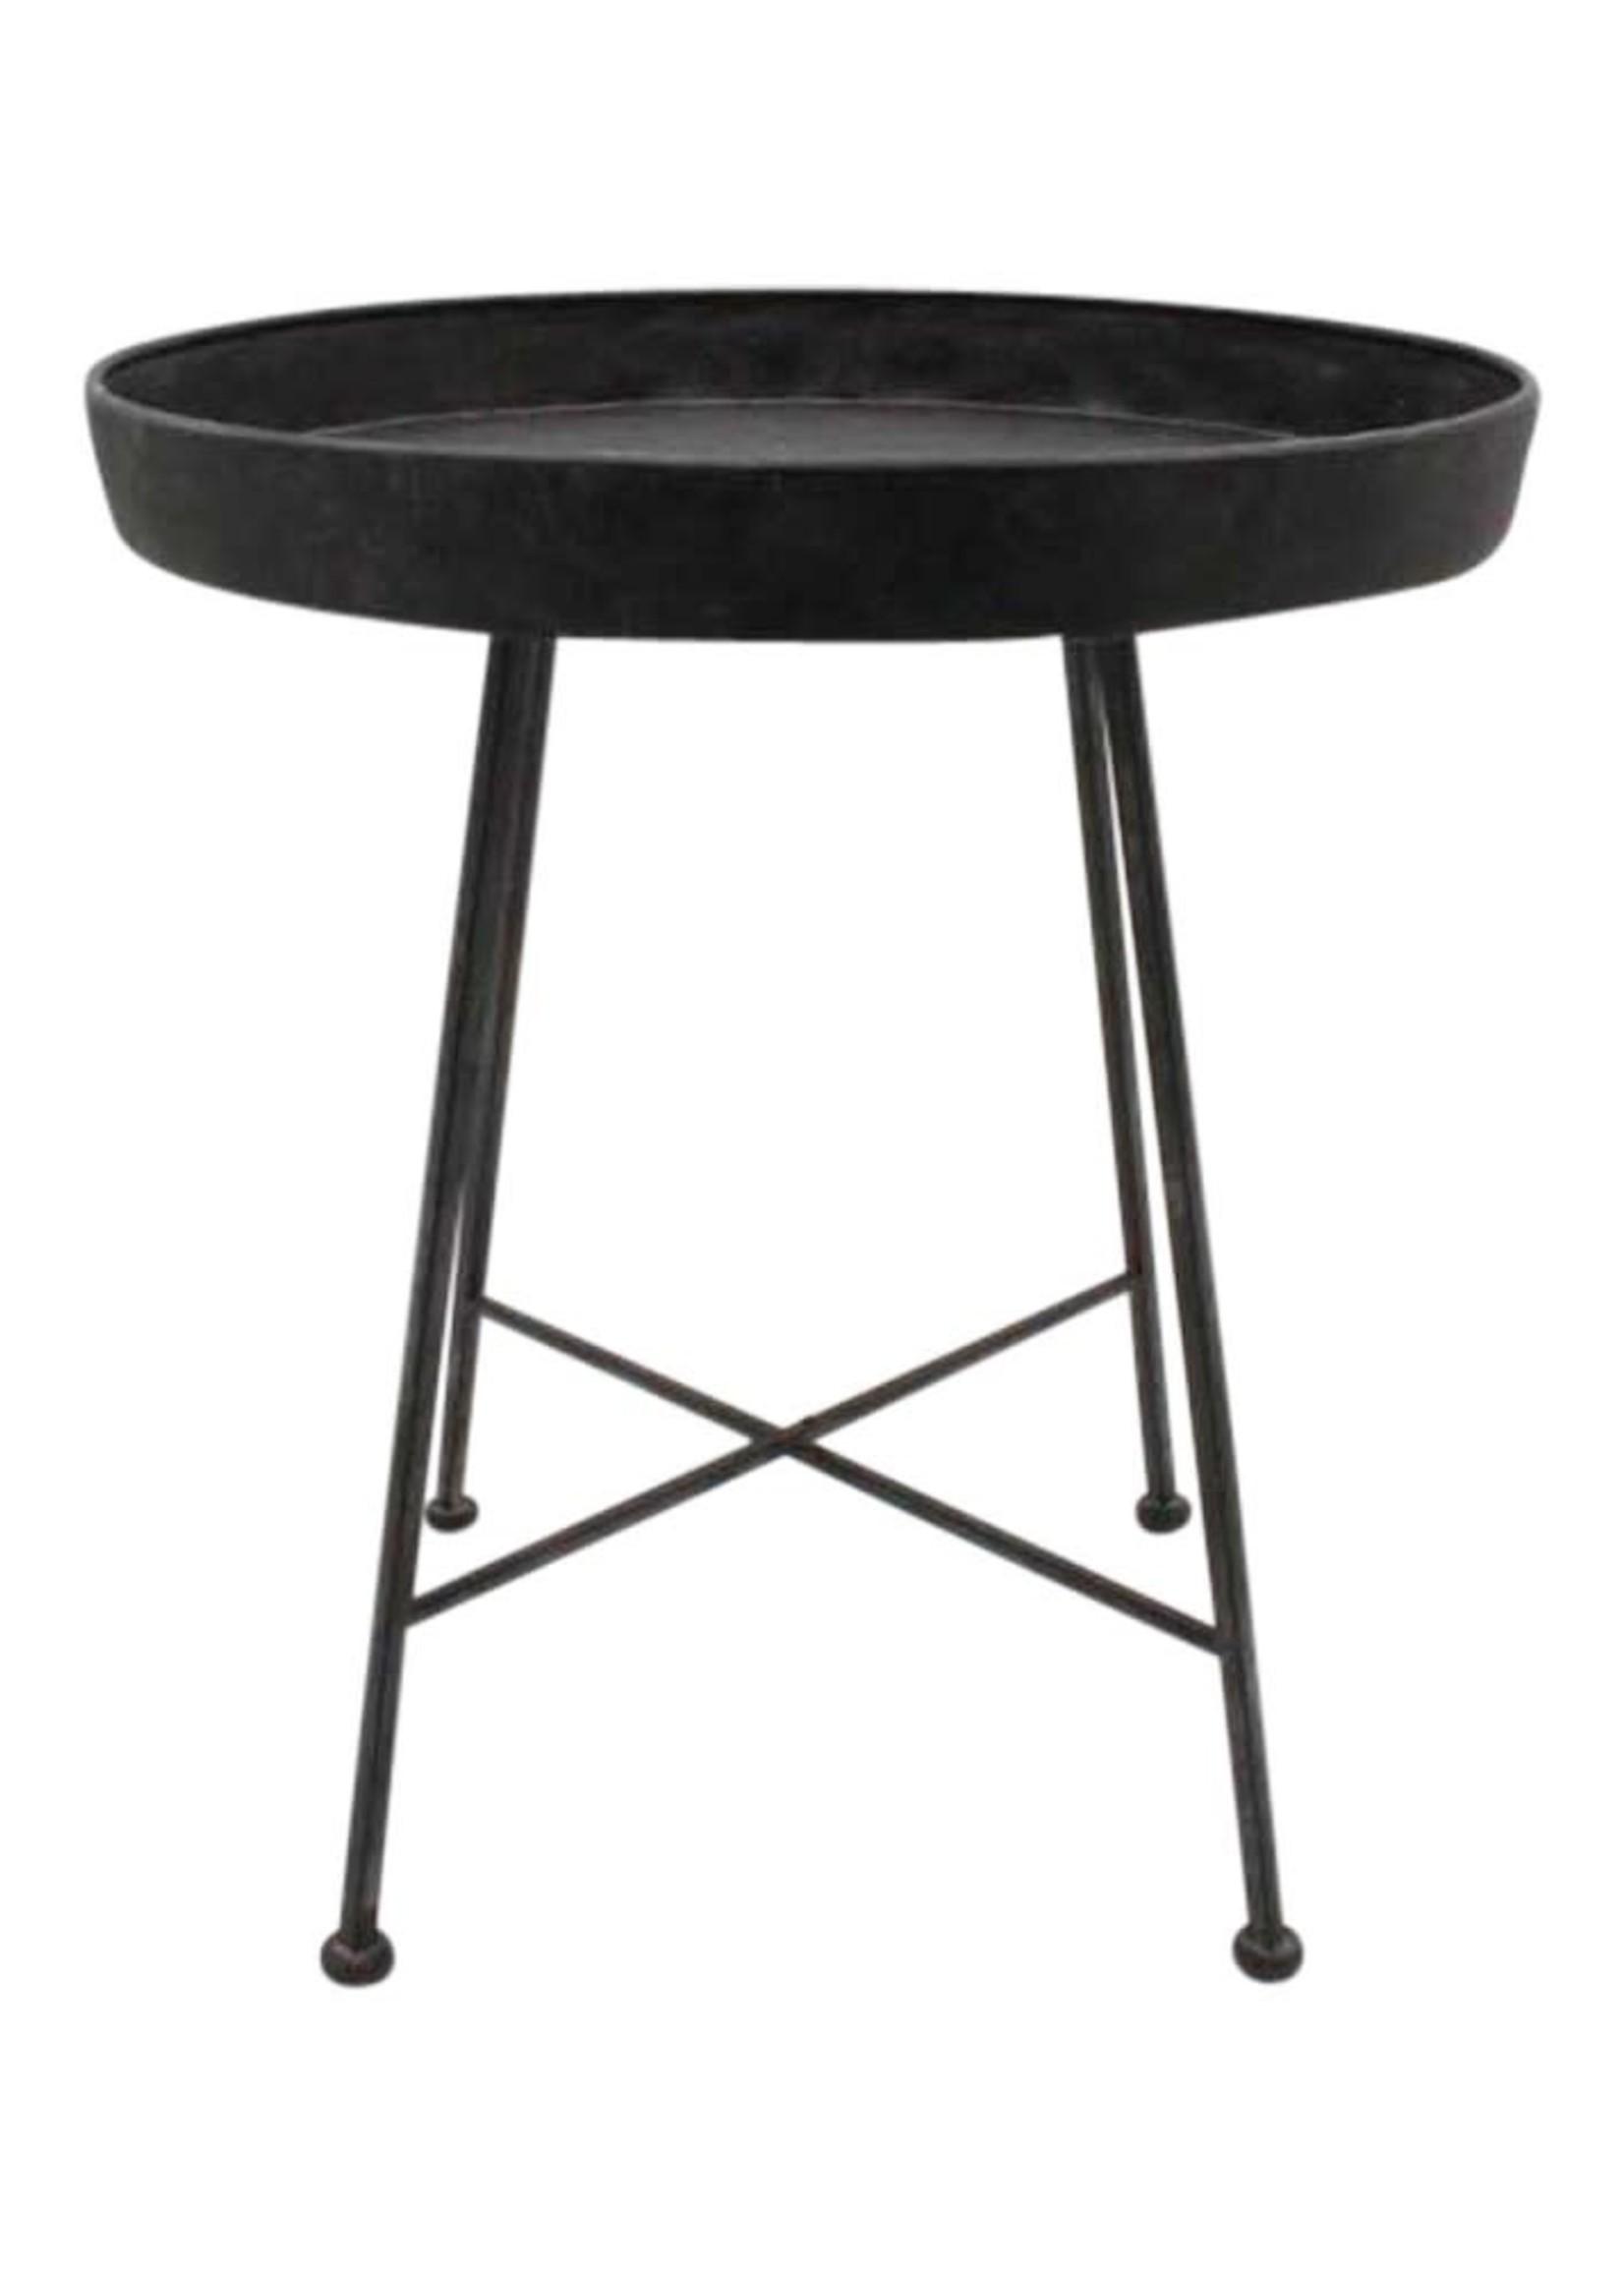 Table Mason S